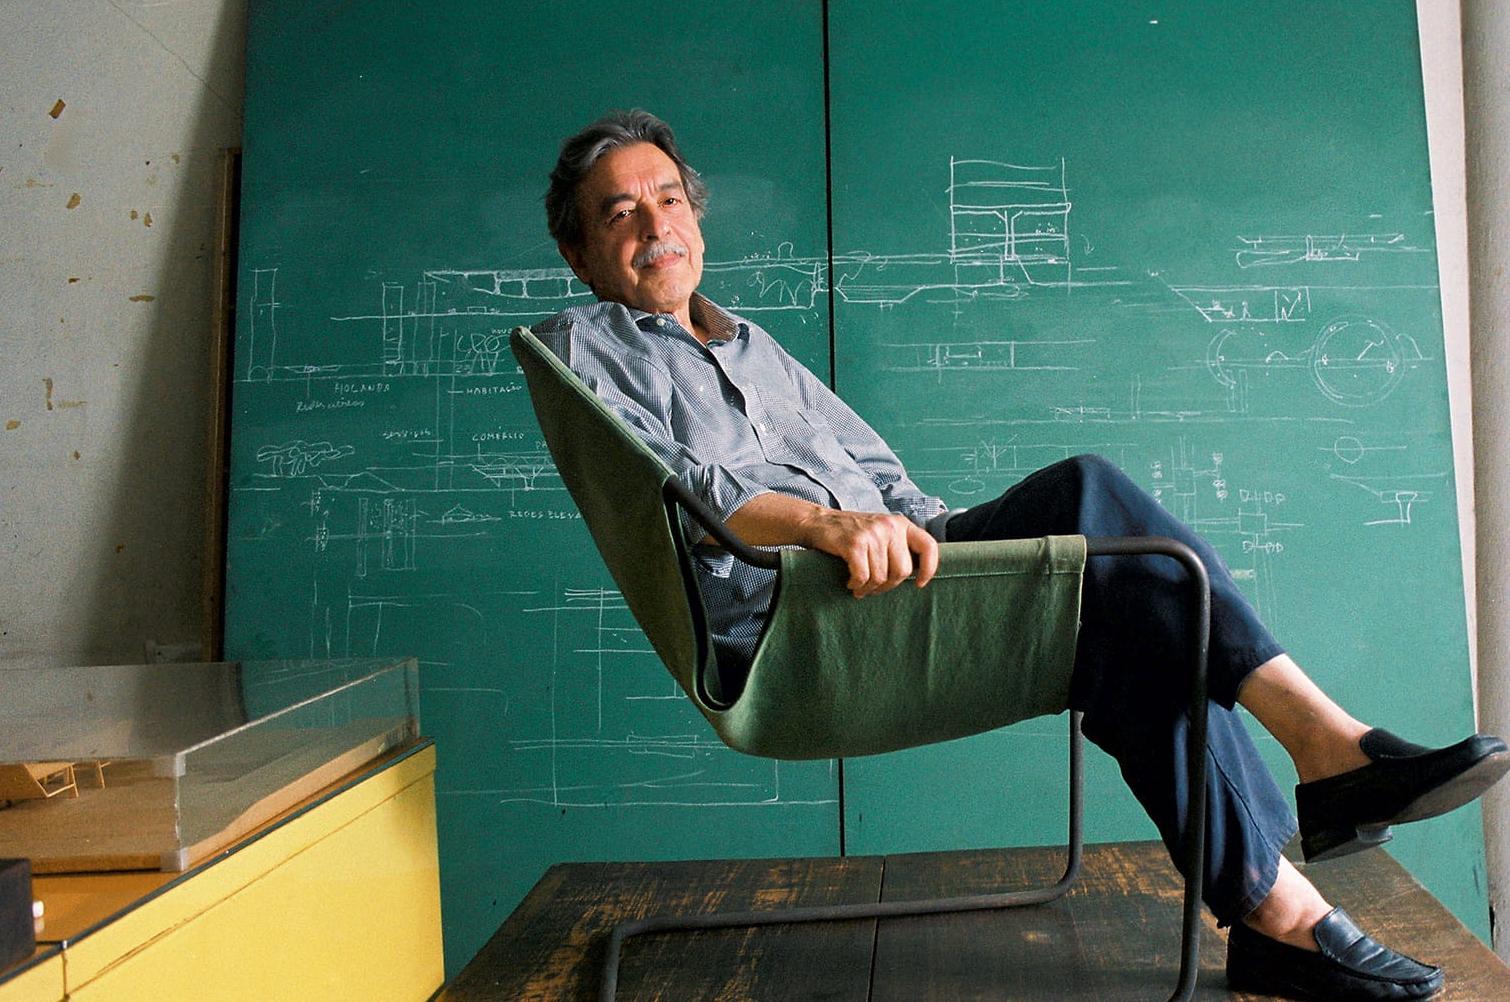 Brésil : Décès du célèbre architecte Mendes da Rocha, prix Pritzker 2006